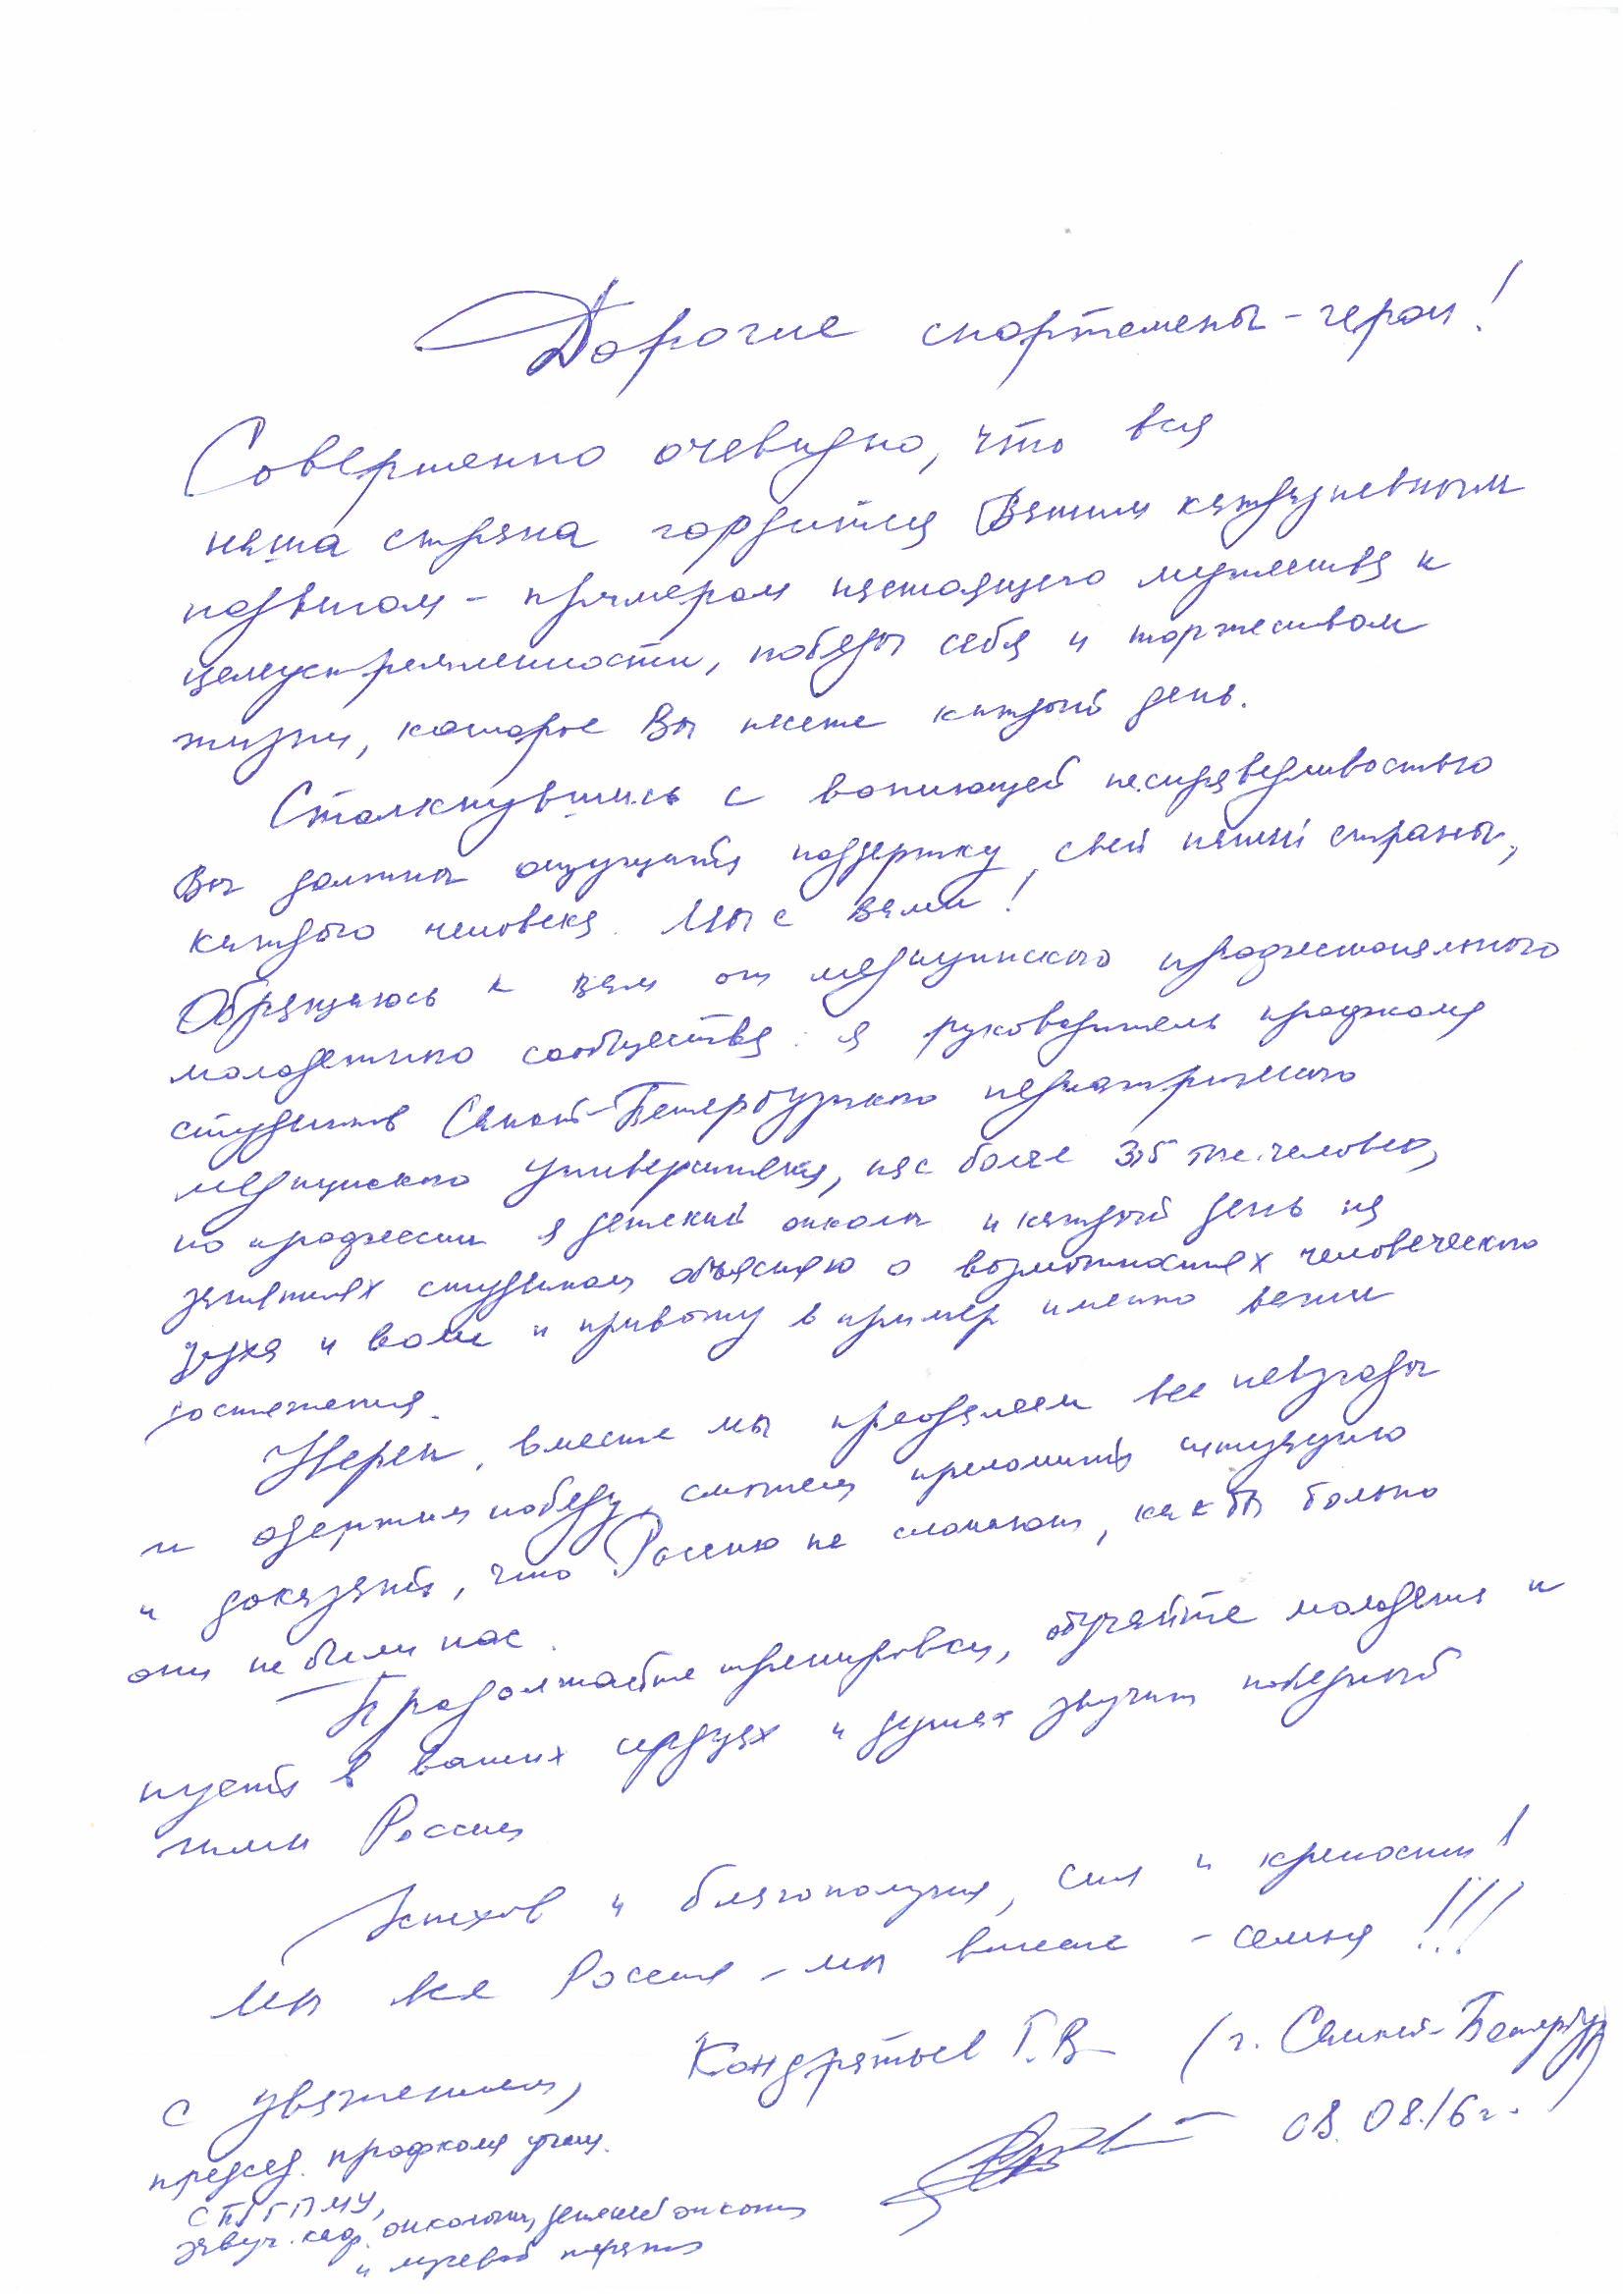 ПКР получил письма в поддержку паралимпийской сборной команды России от участников Всероссийского молодежного образовательного форума «Территория смыслов» на Клязьме